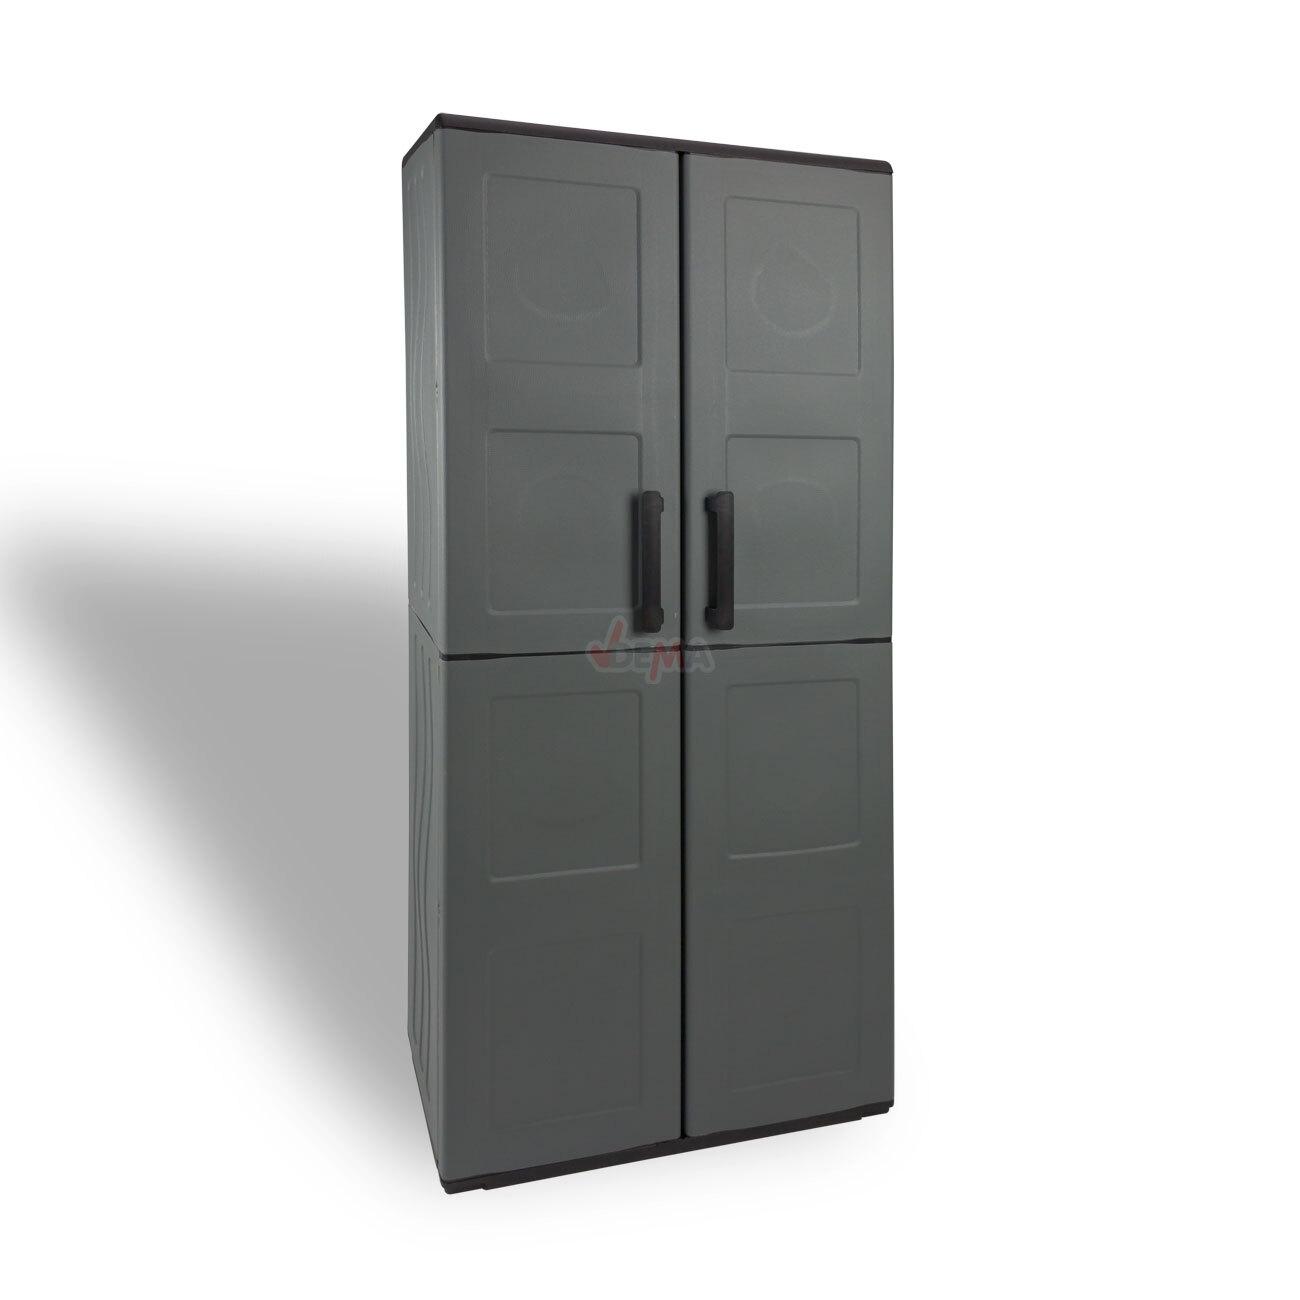 kunststoffschrank werkzeugschrank schrank kunststoff 68x37x163 cm mit 3 b den ebay. Black Bedroom Furniture Sets. Home Design Ideas